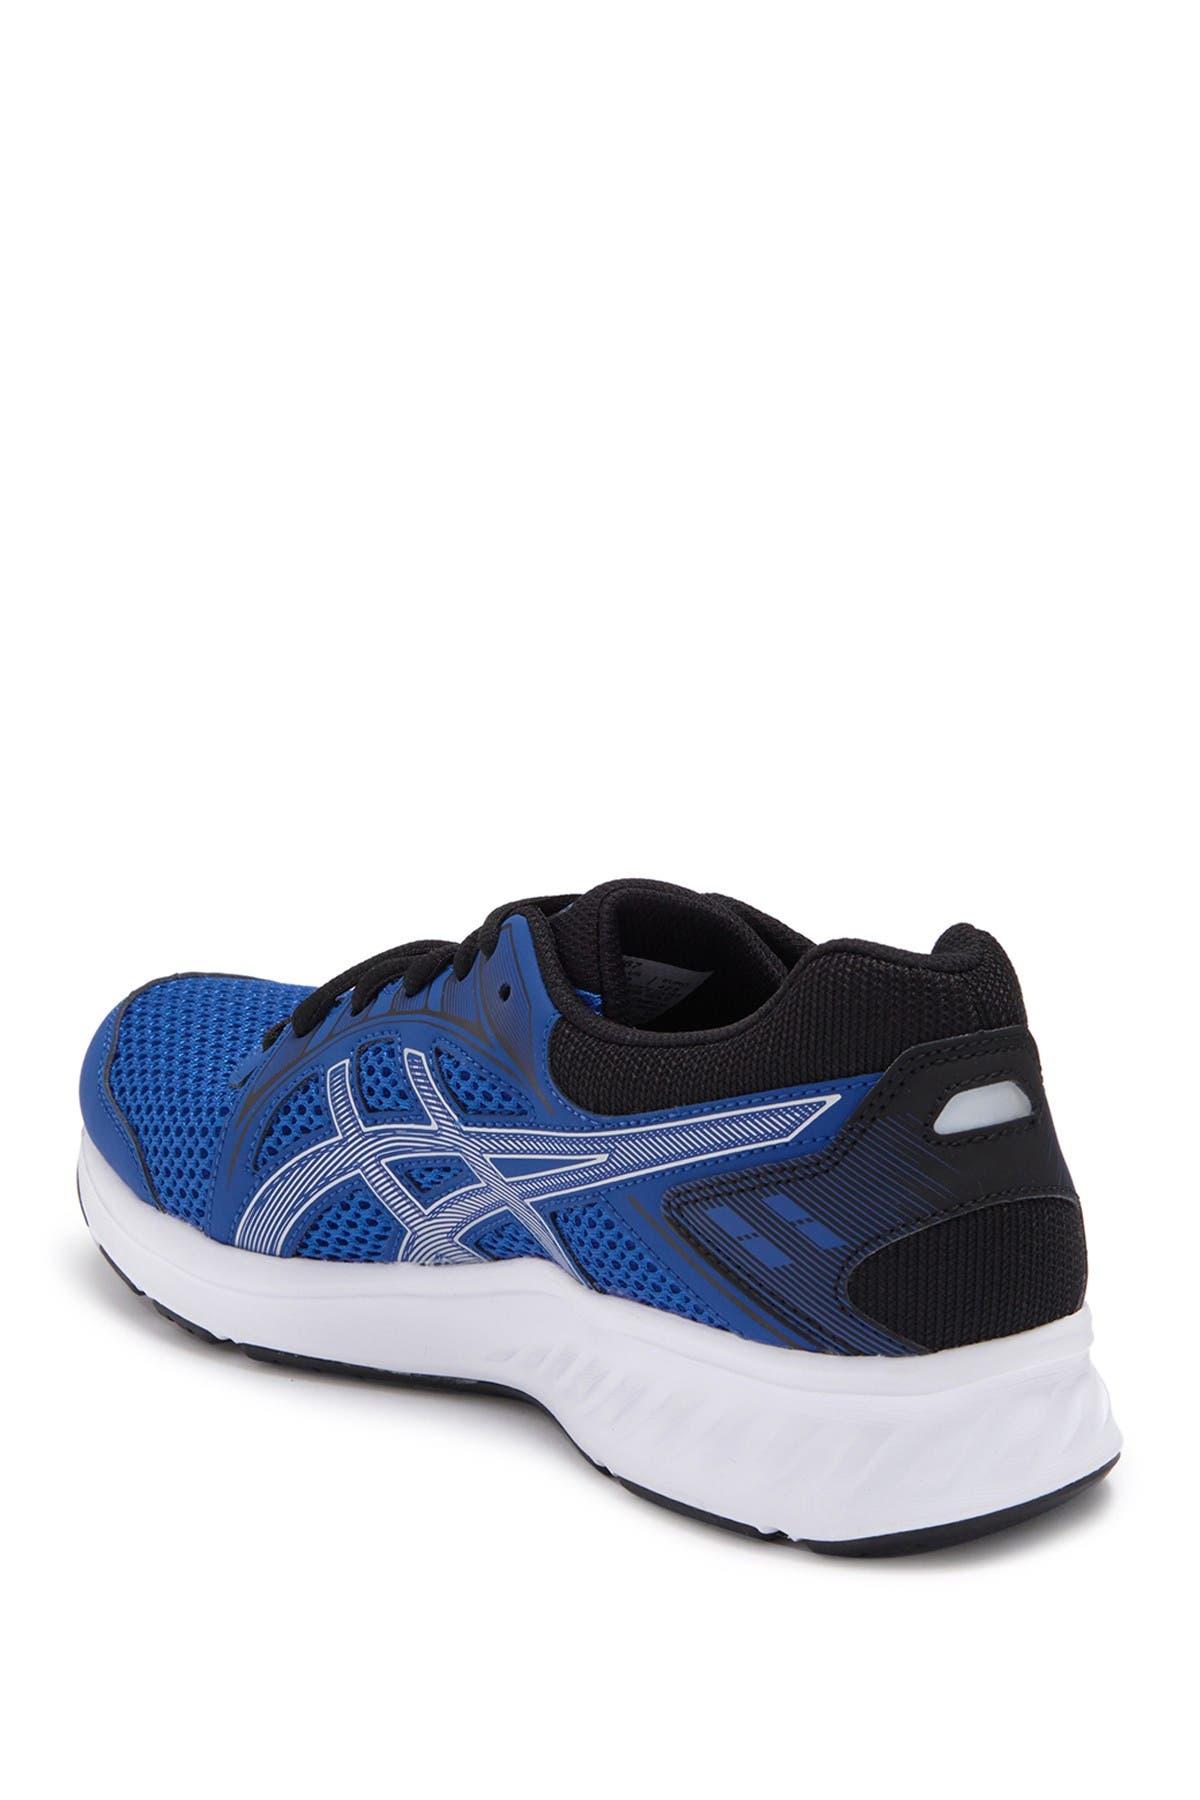 Image of ASICS Jolt 2 Running Sneaker